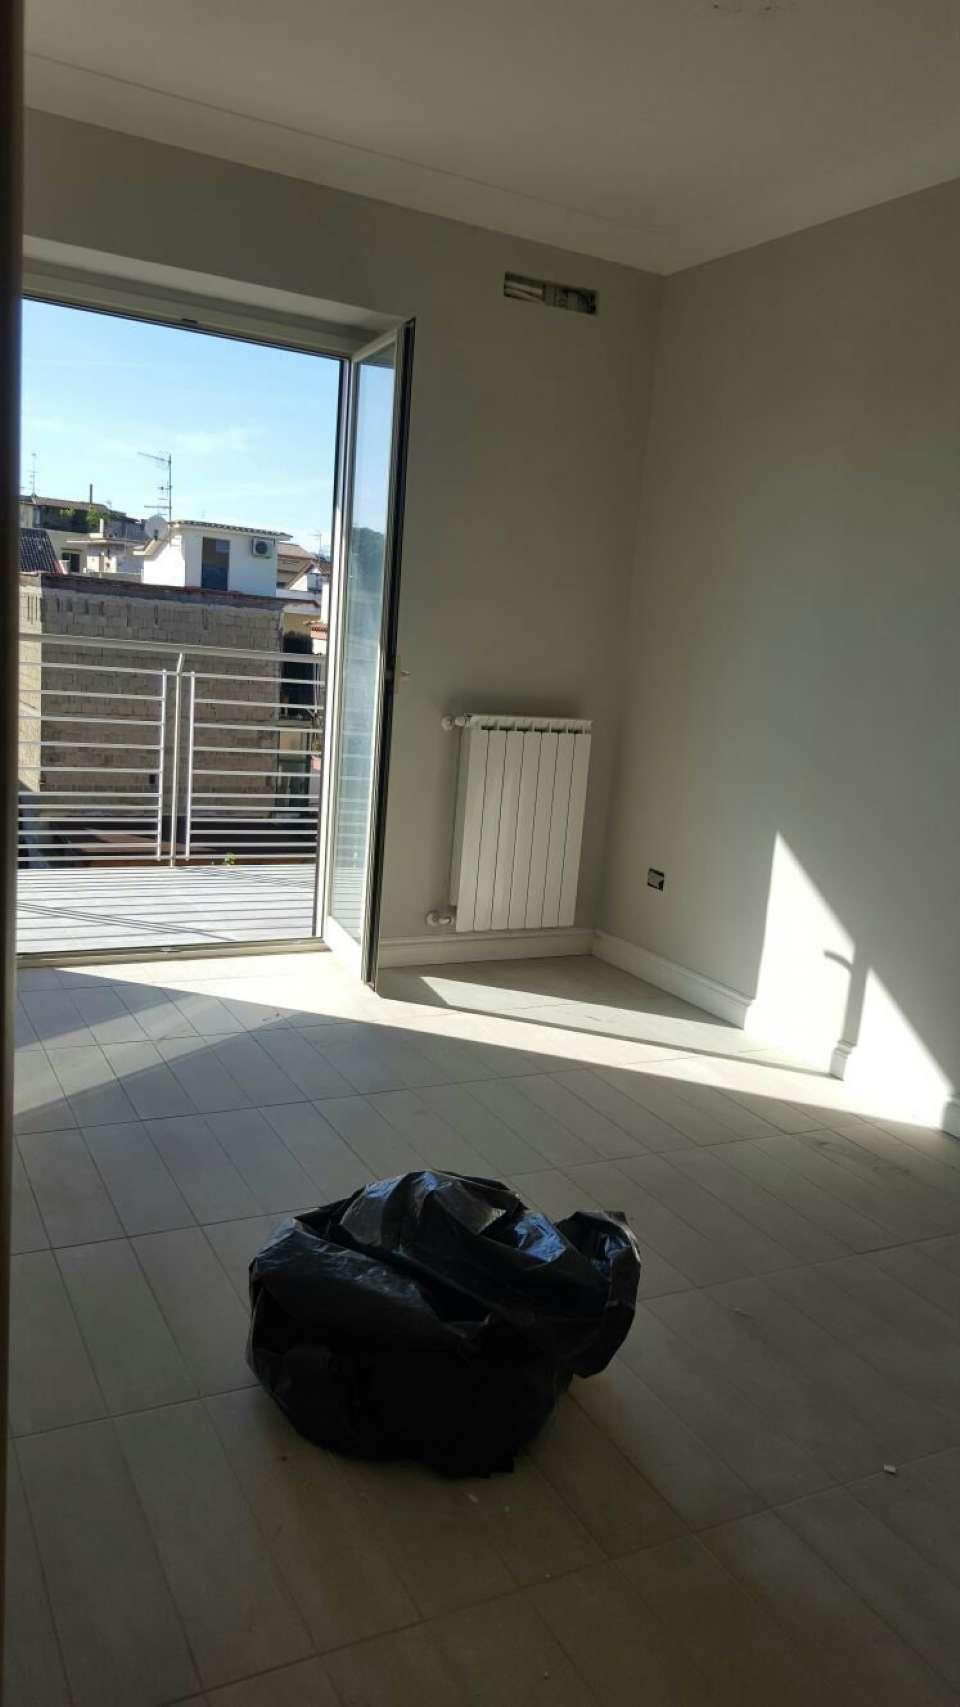 Appartamento in vendita a Villaricca, 6 locali, prezzo € 148.000 | Cambio Casa.it